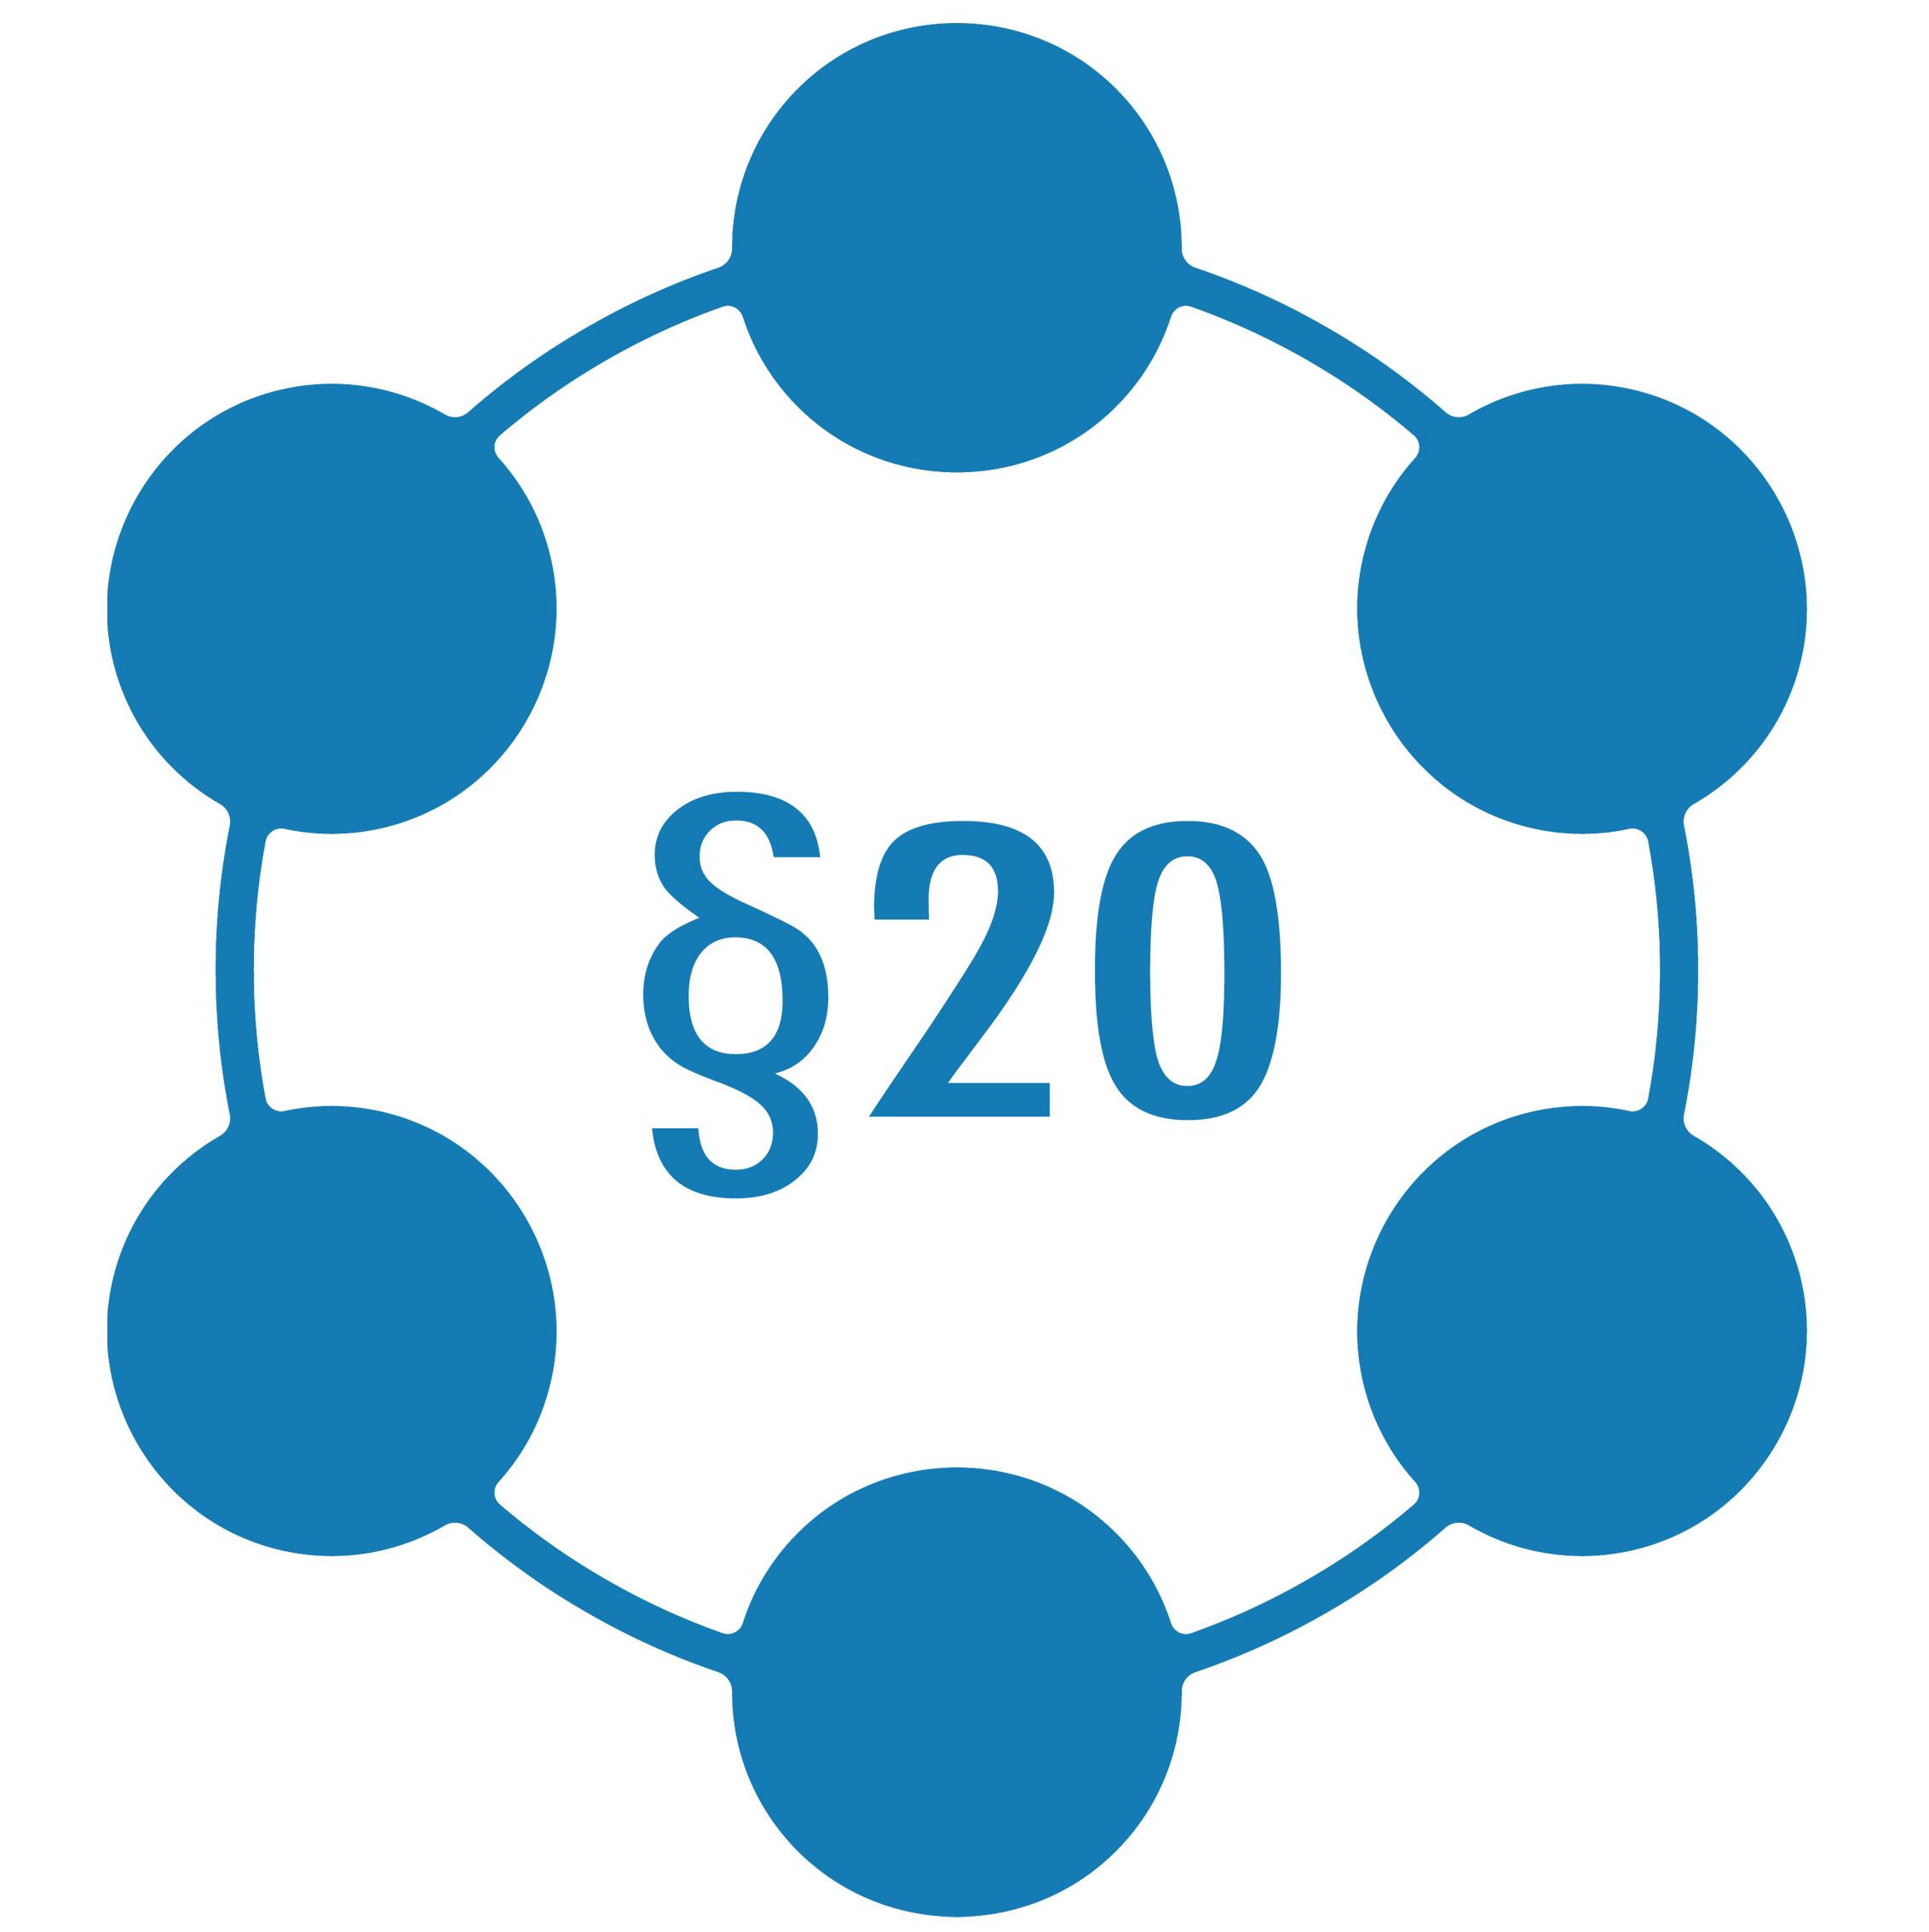 para20_logo_small_thumb